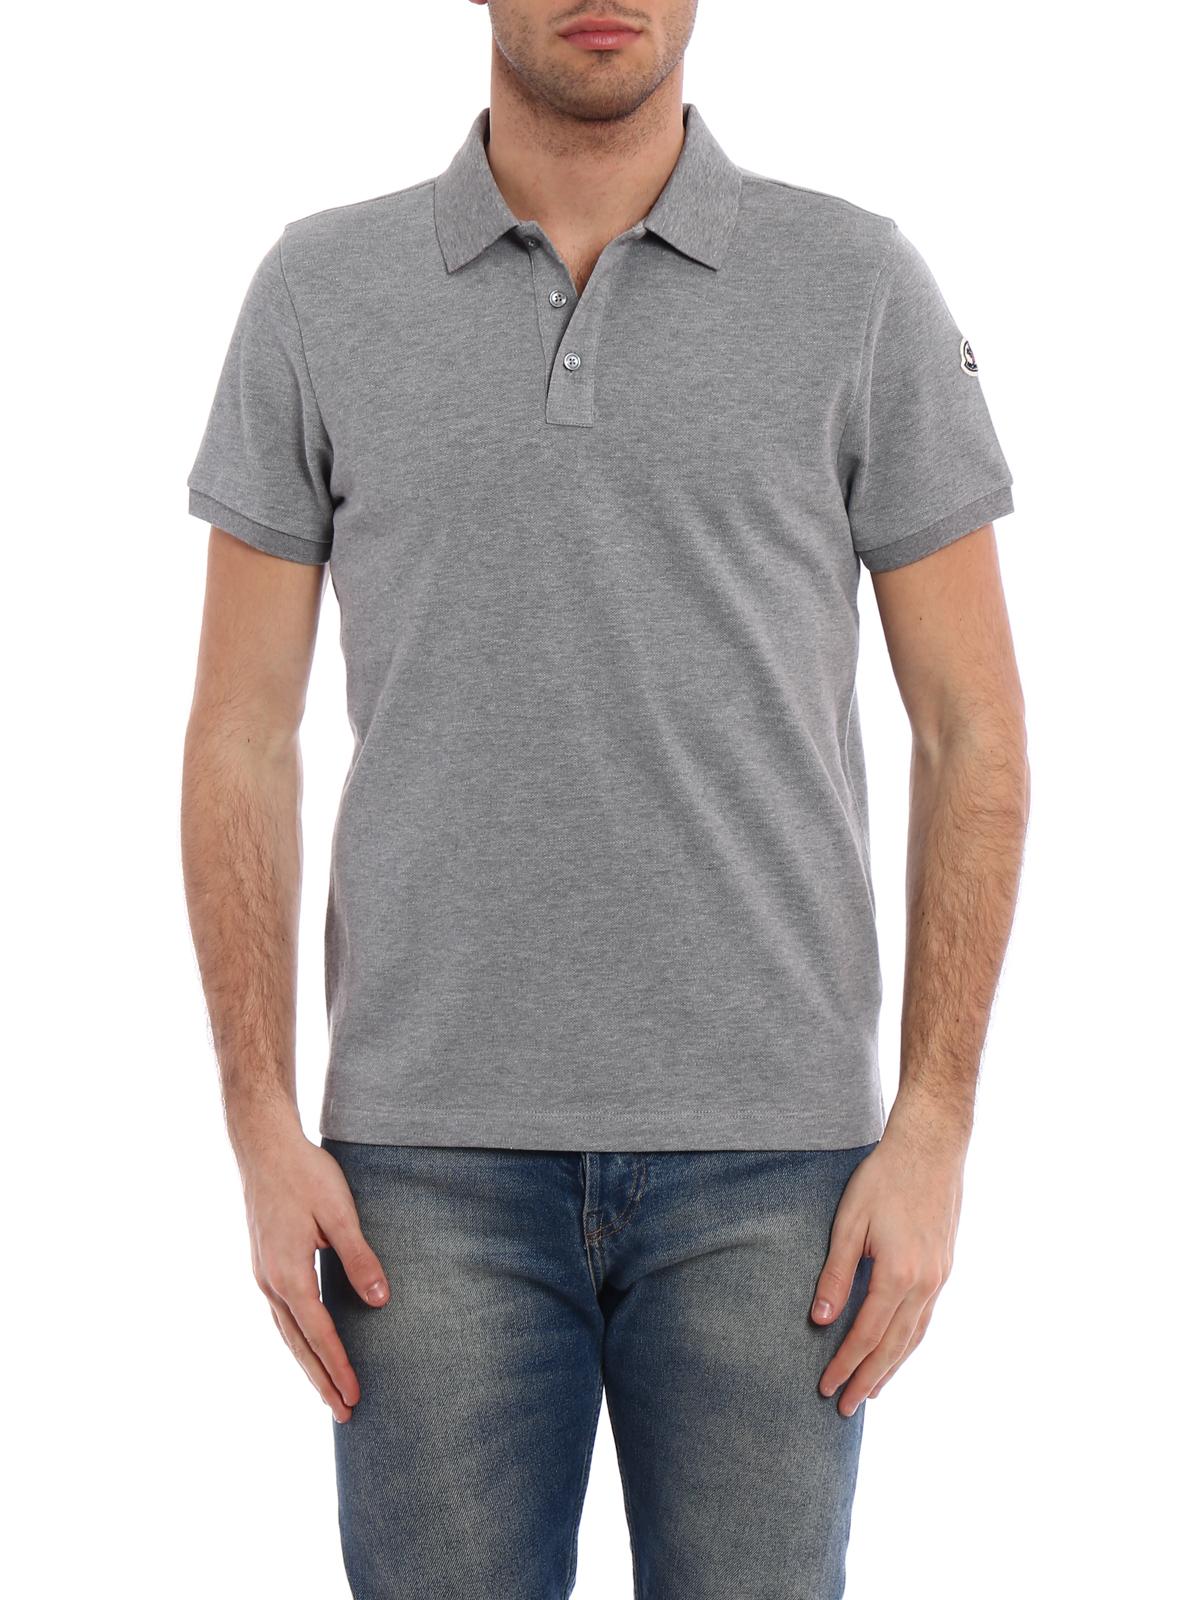 moncler grey polo shirt